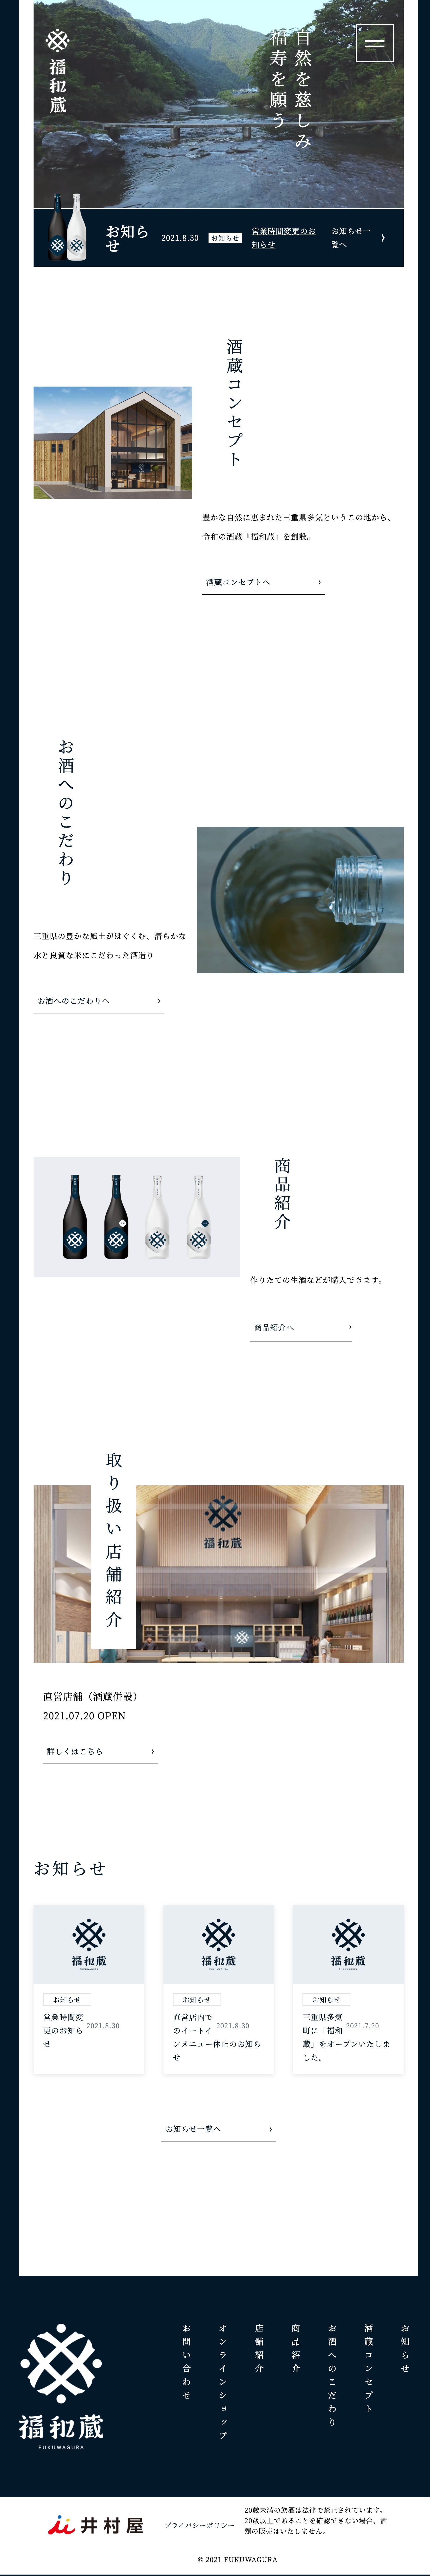 福和蔵(井村屋)のPCトップページ画像